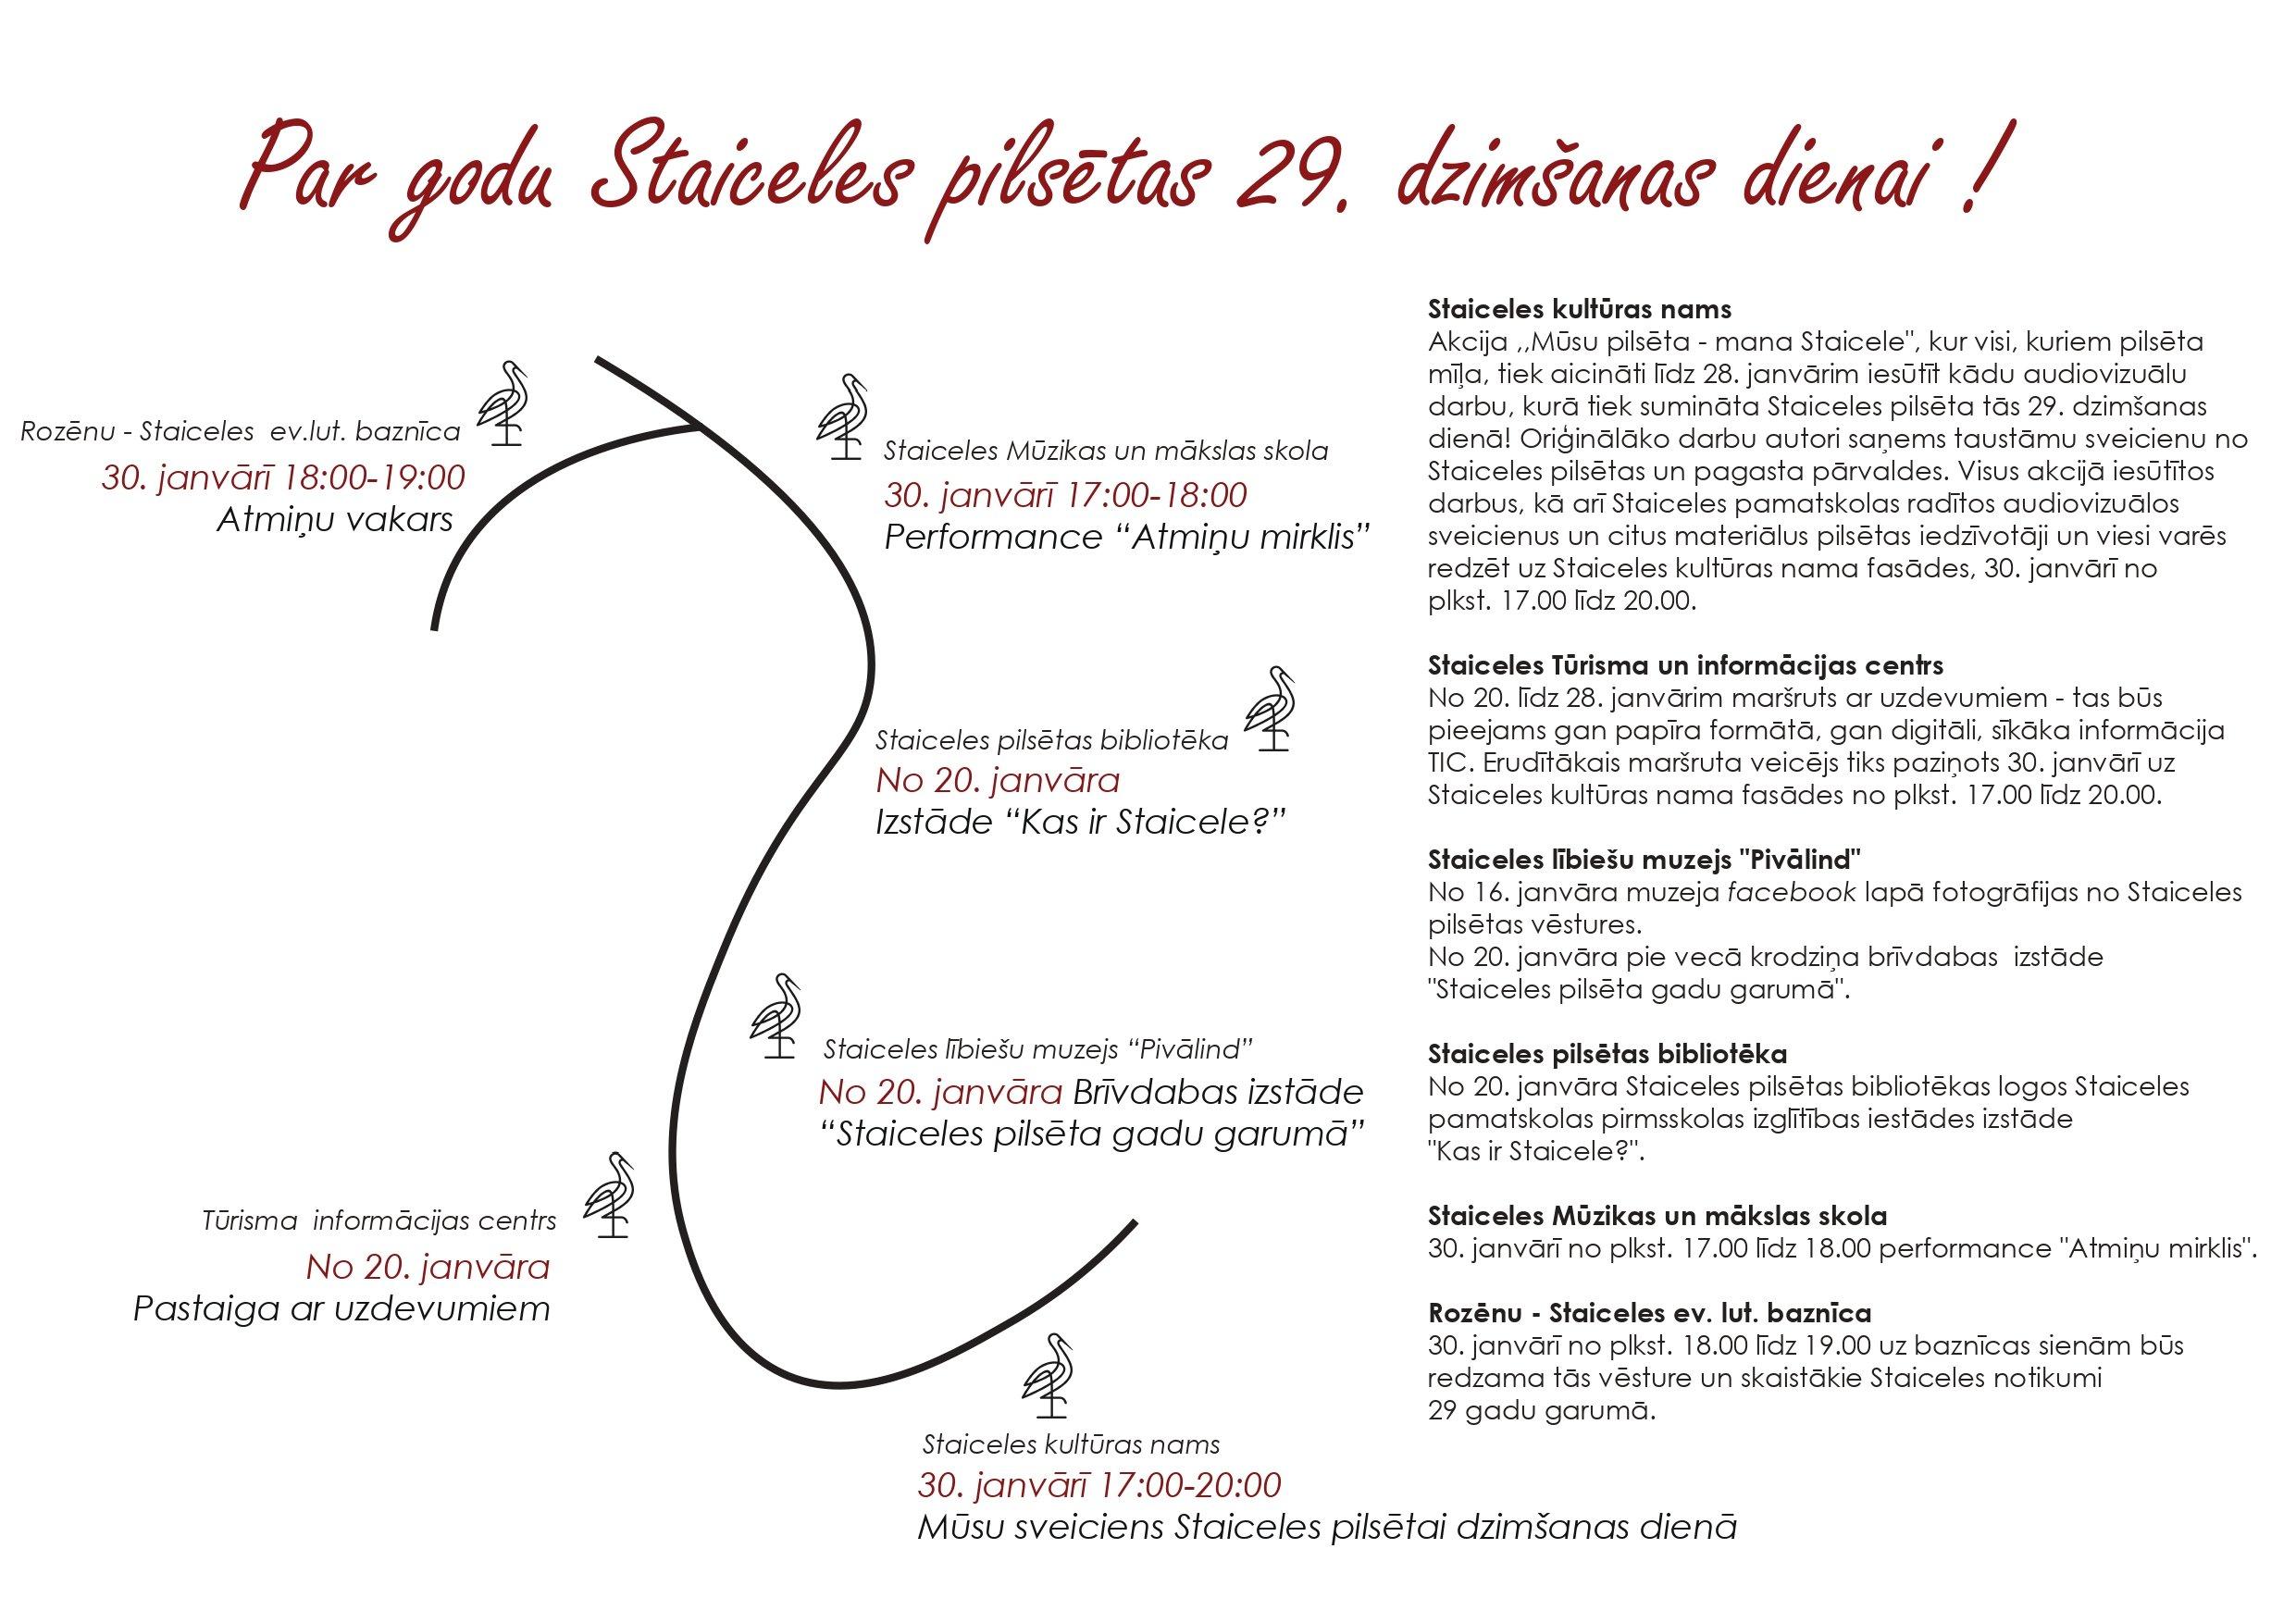 Aktivitātes par godu Staiceles 29. dzimšanas dienai